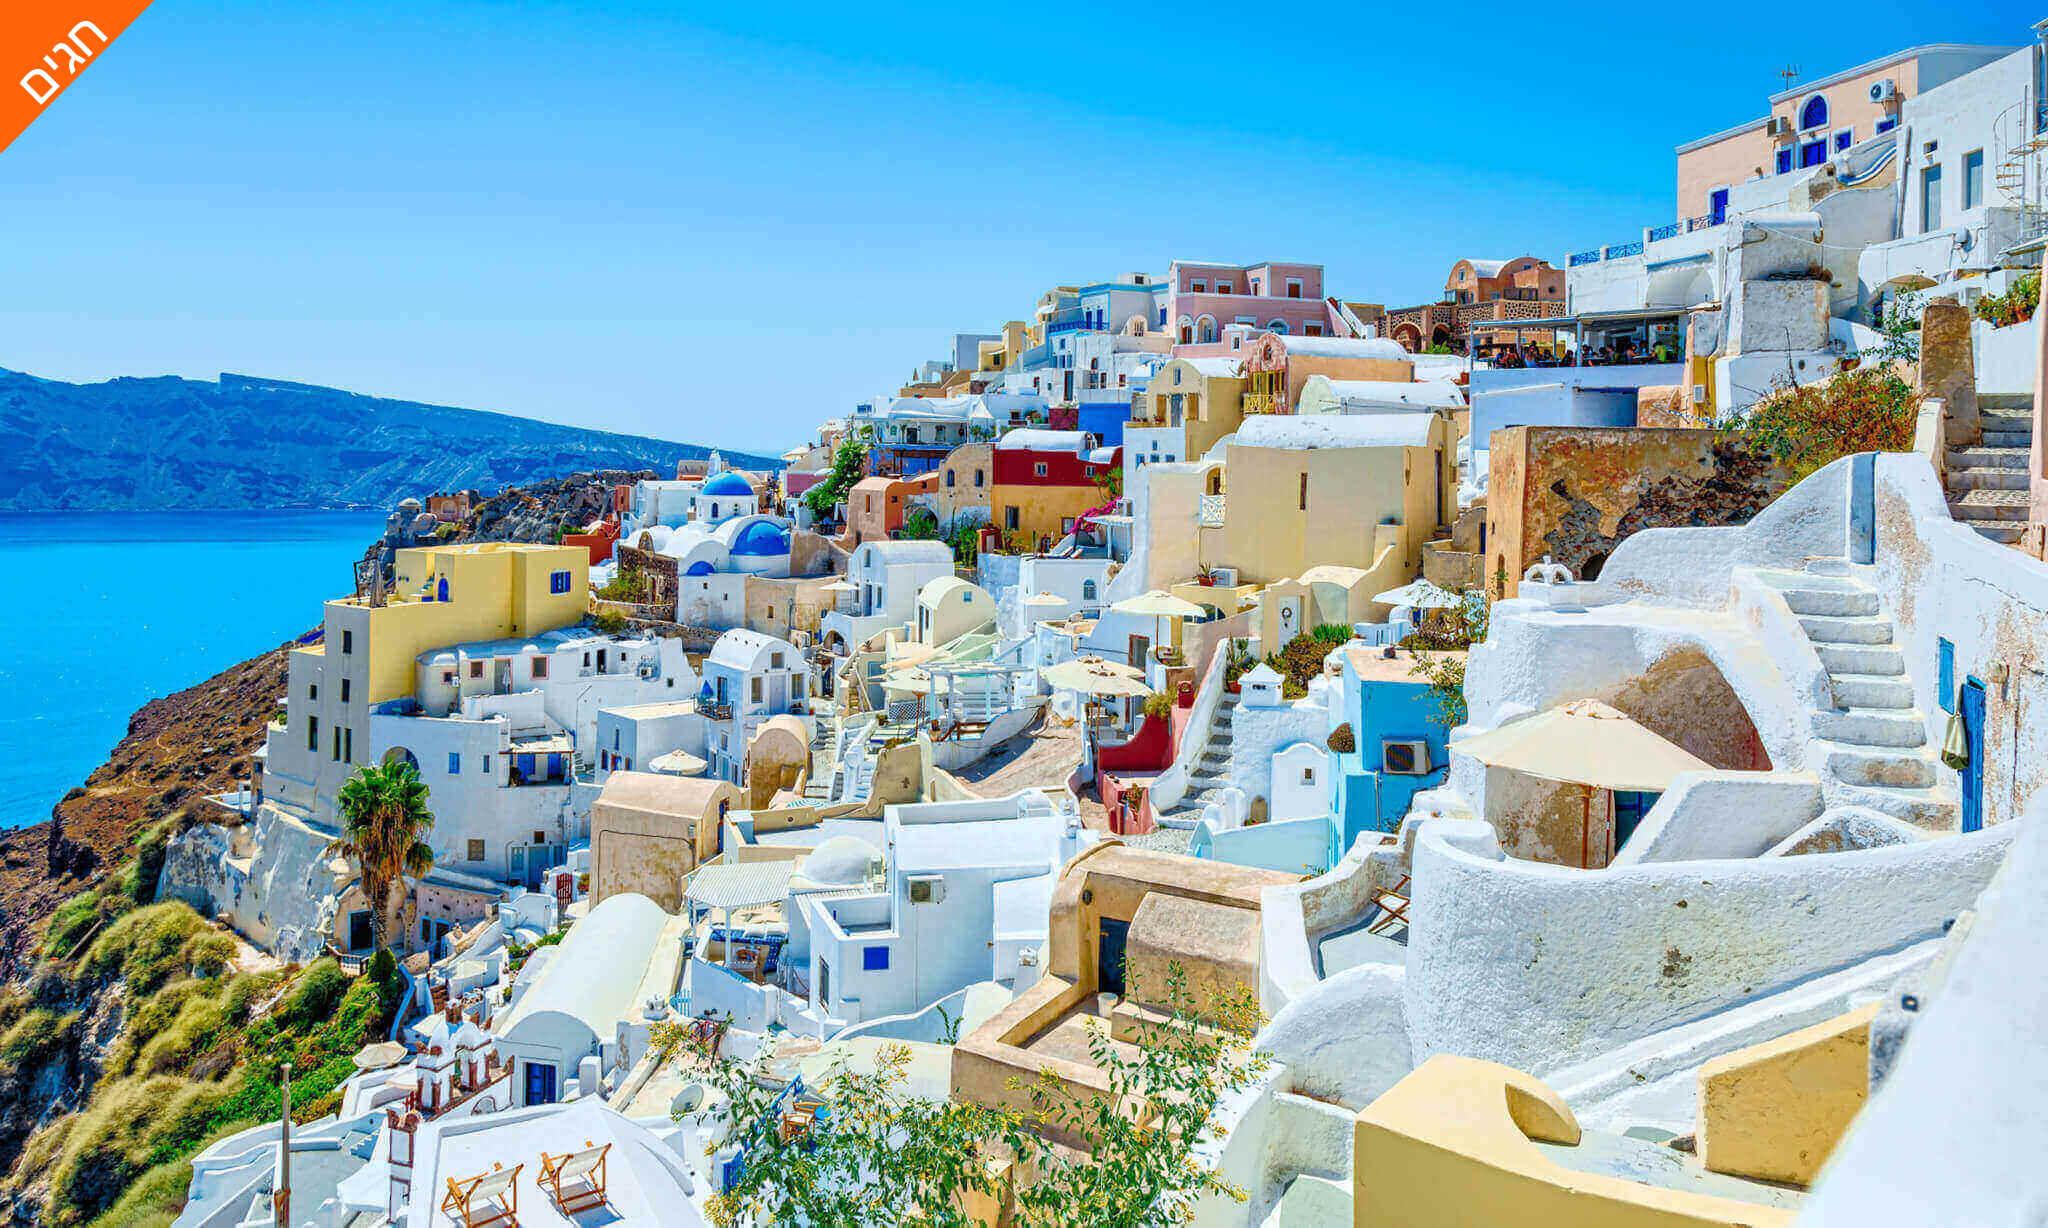 7 חופשה בסנטוריני - האי הקסום ביותר ביוון, כולל חגים